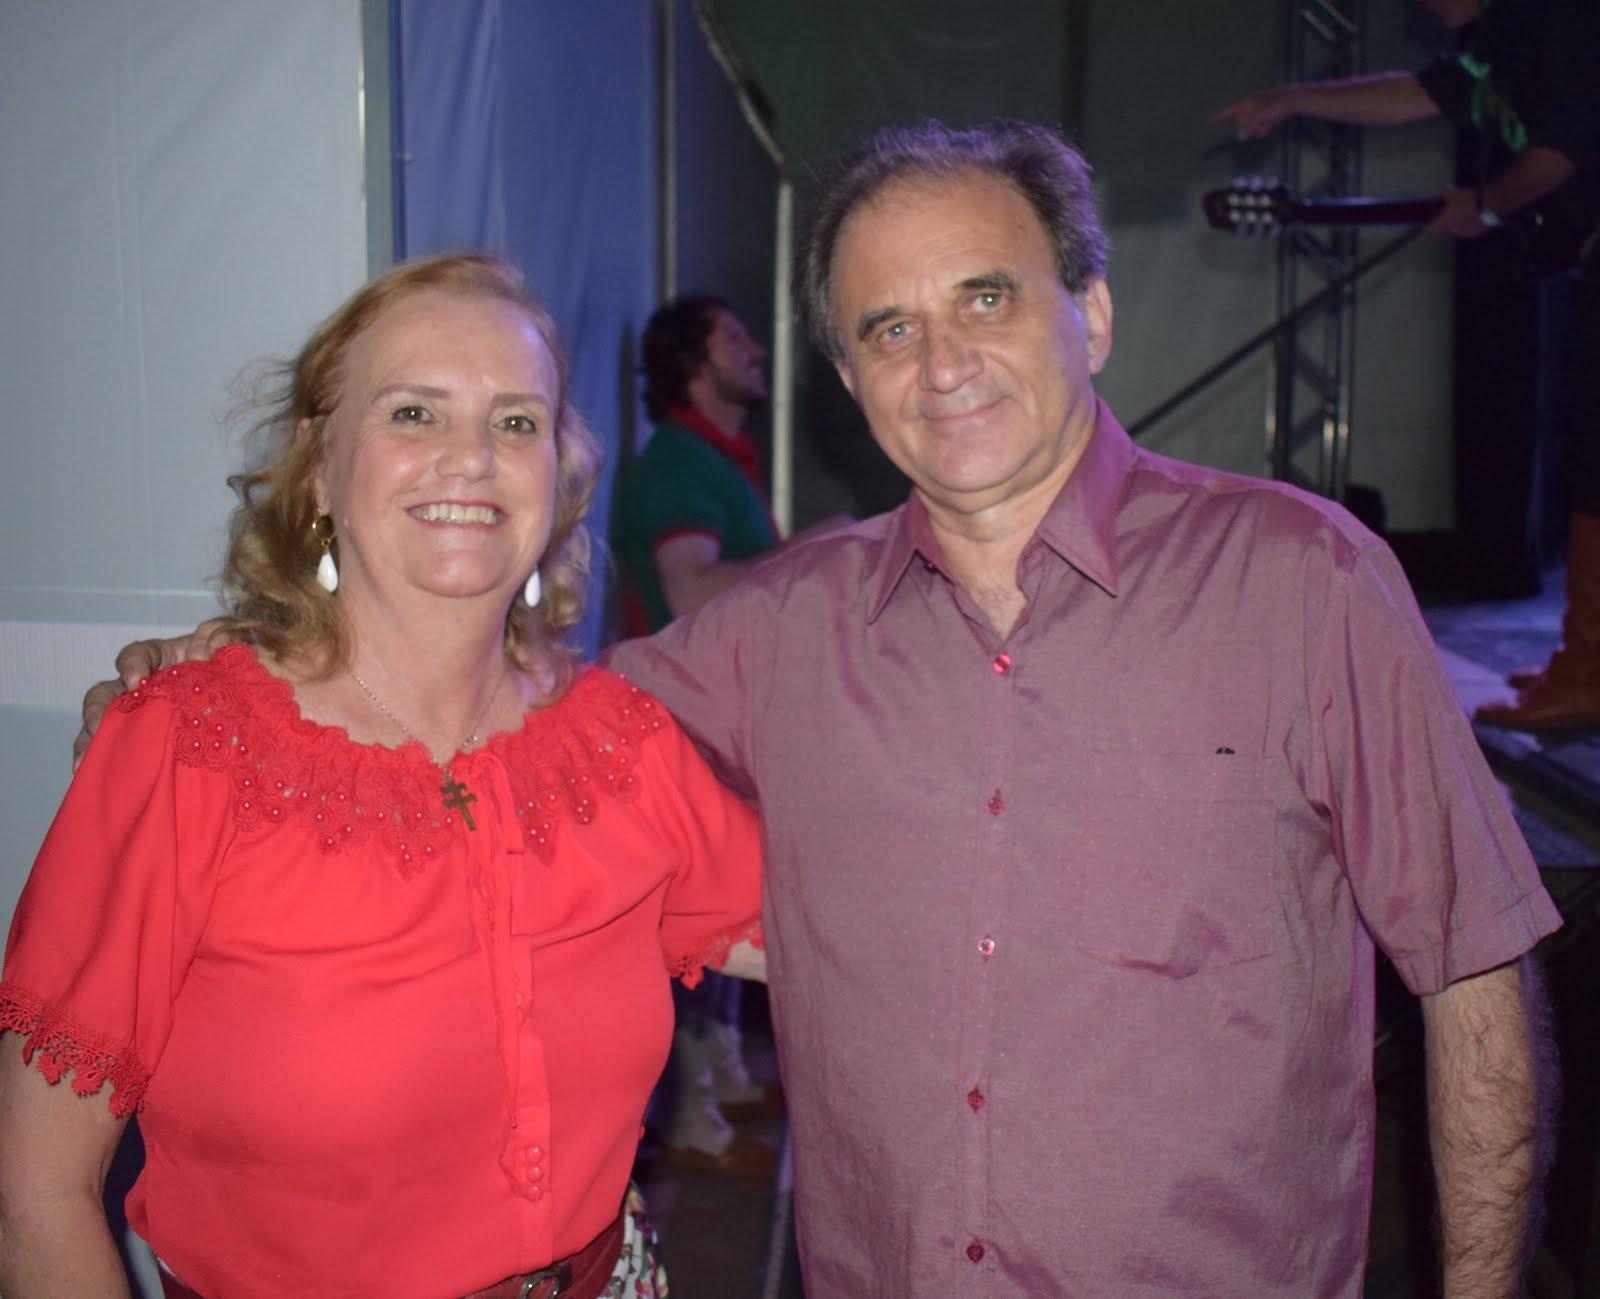 Airton Engster dos Santos e Clary Costa